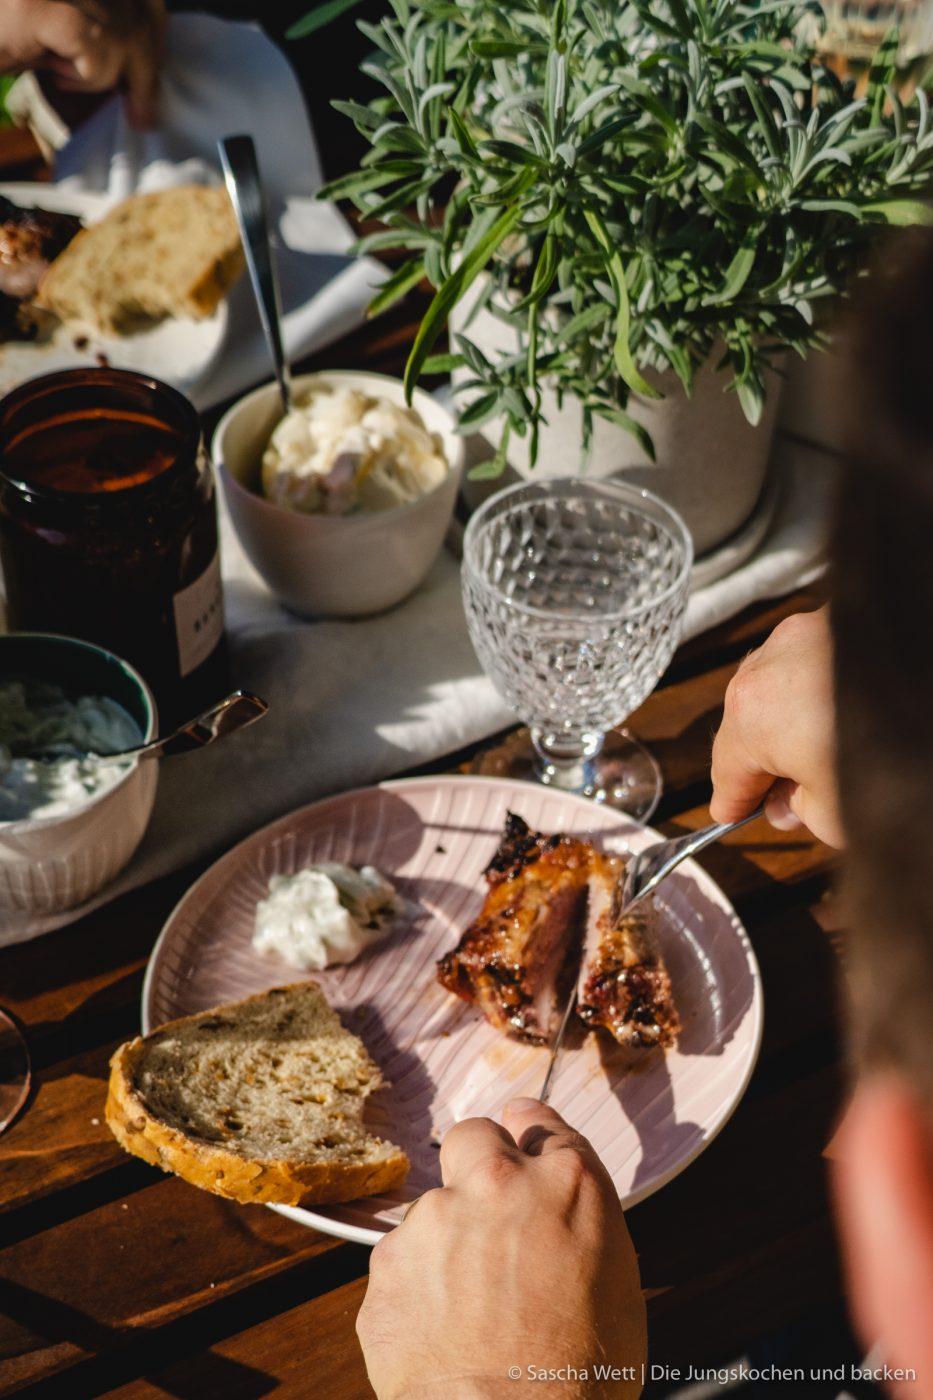 Spare Rips L%C3%AEwensenf BBQ 9 | Heute haben wir es endlich geschafft, eines unserer liebsten Grillgerichte auf den Blog zu bekommen - saftige Spareribs! Allerdings haben wir sie mal nicht mit einer klassischen BBQ-Sauce mariniert, sondern gemeinsam mit Löwensenf eine super leckere Apfel-Senf-Marinade entwickelt und der fruchtig, scharfe Geschmack ist einfach perfekt.